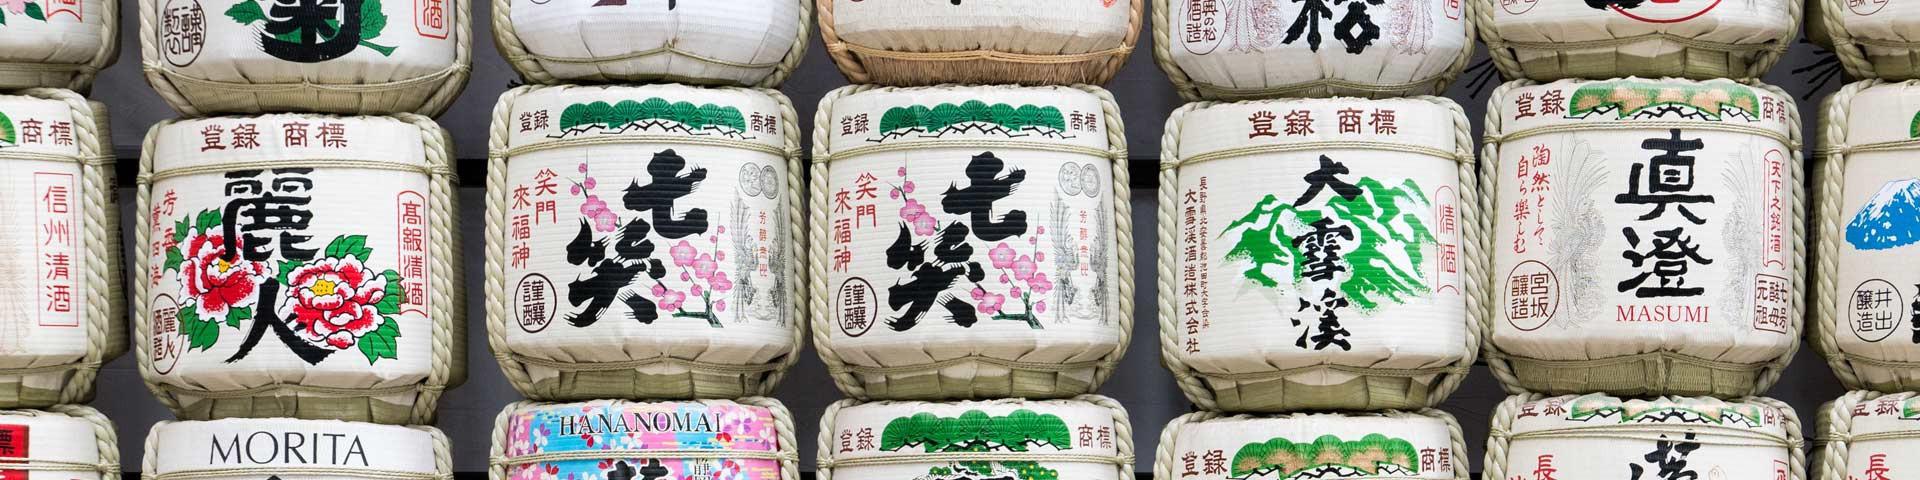 日本飲類 | 日本酒